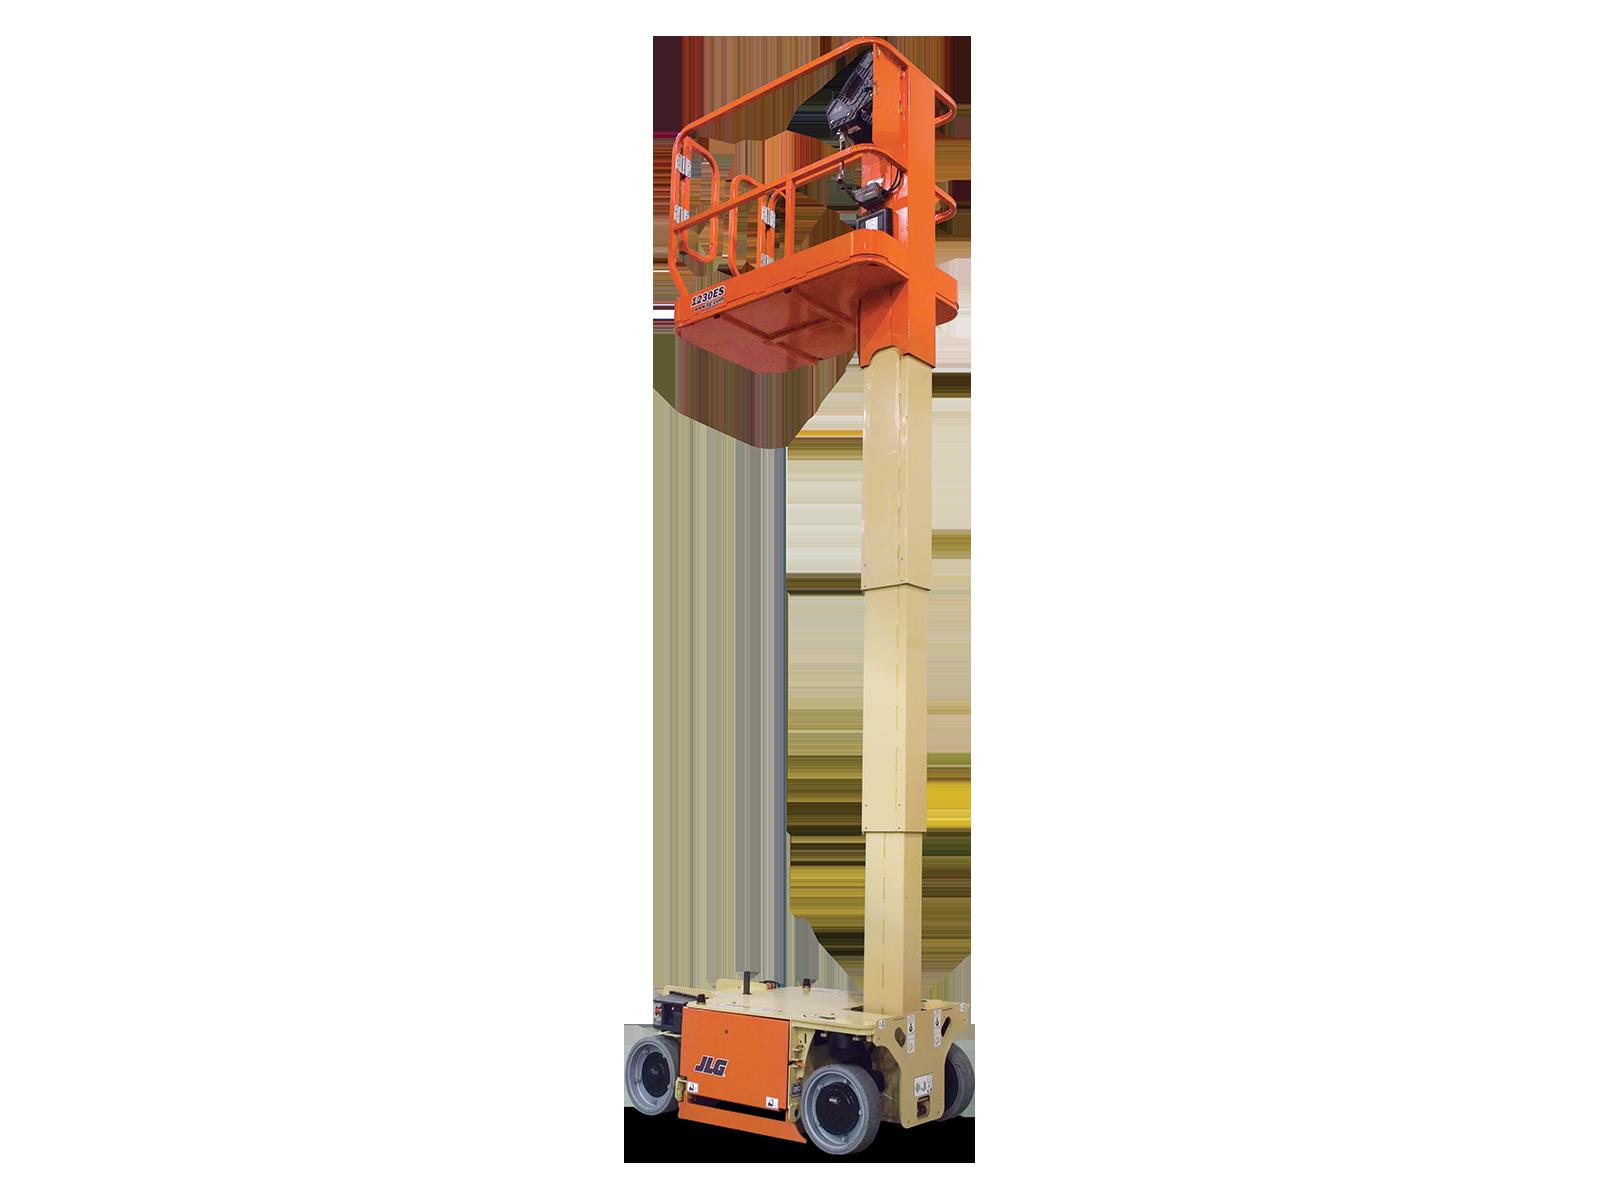 12 Ft Single Man-lift | Electric | New York City, NY